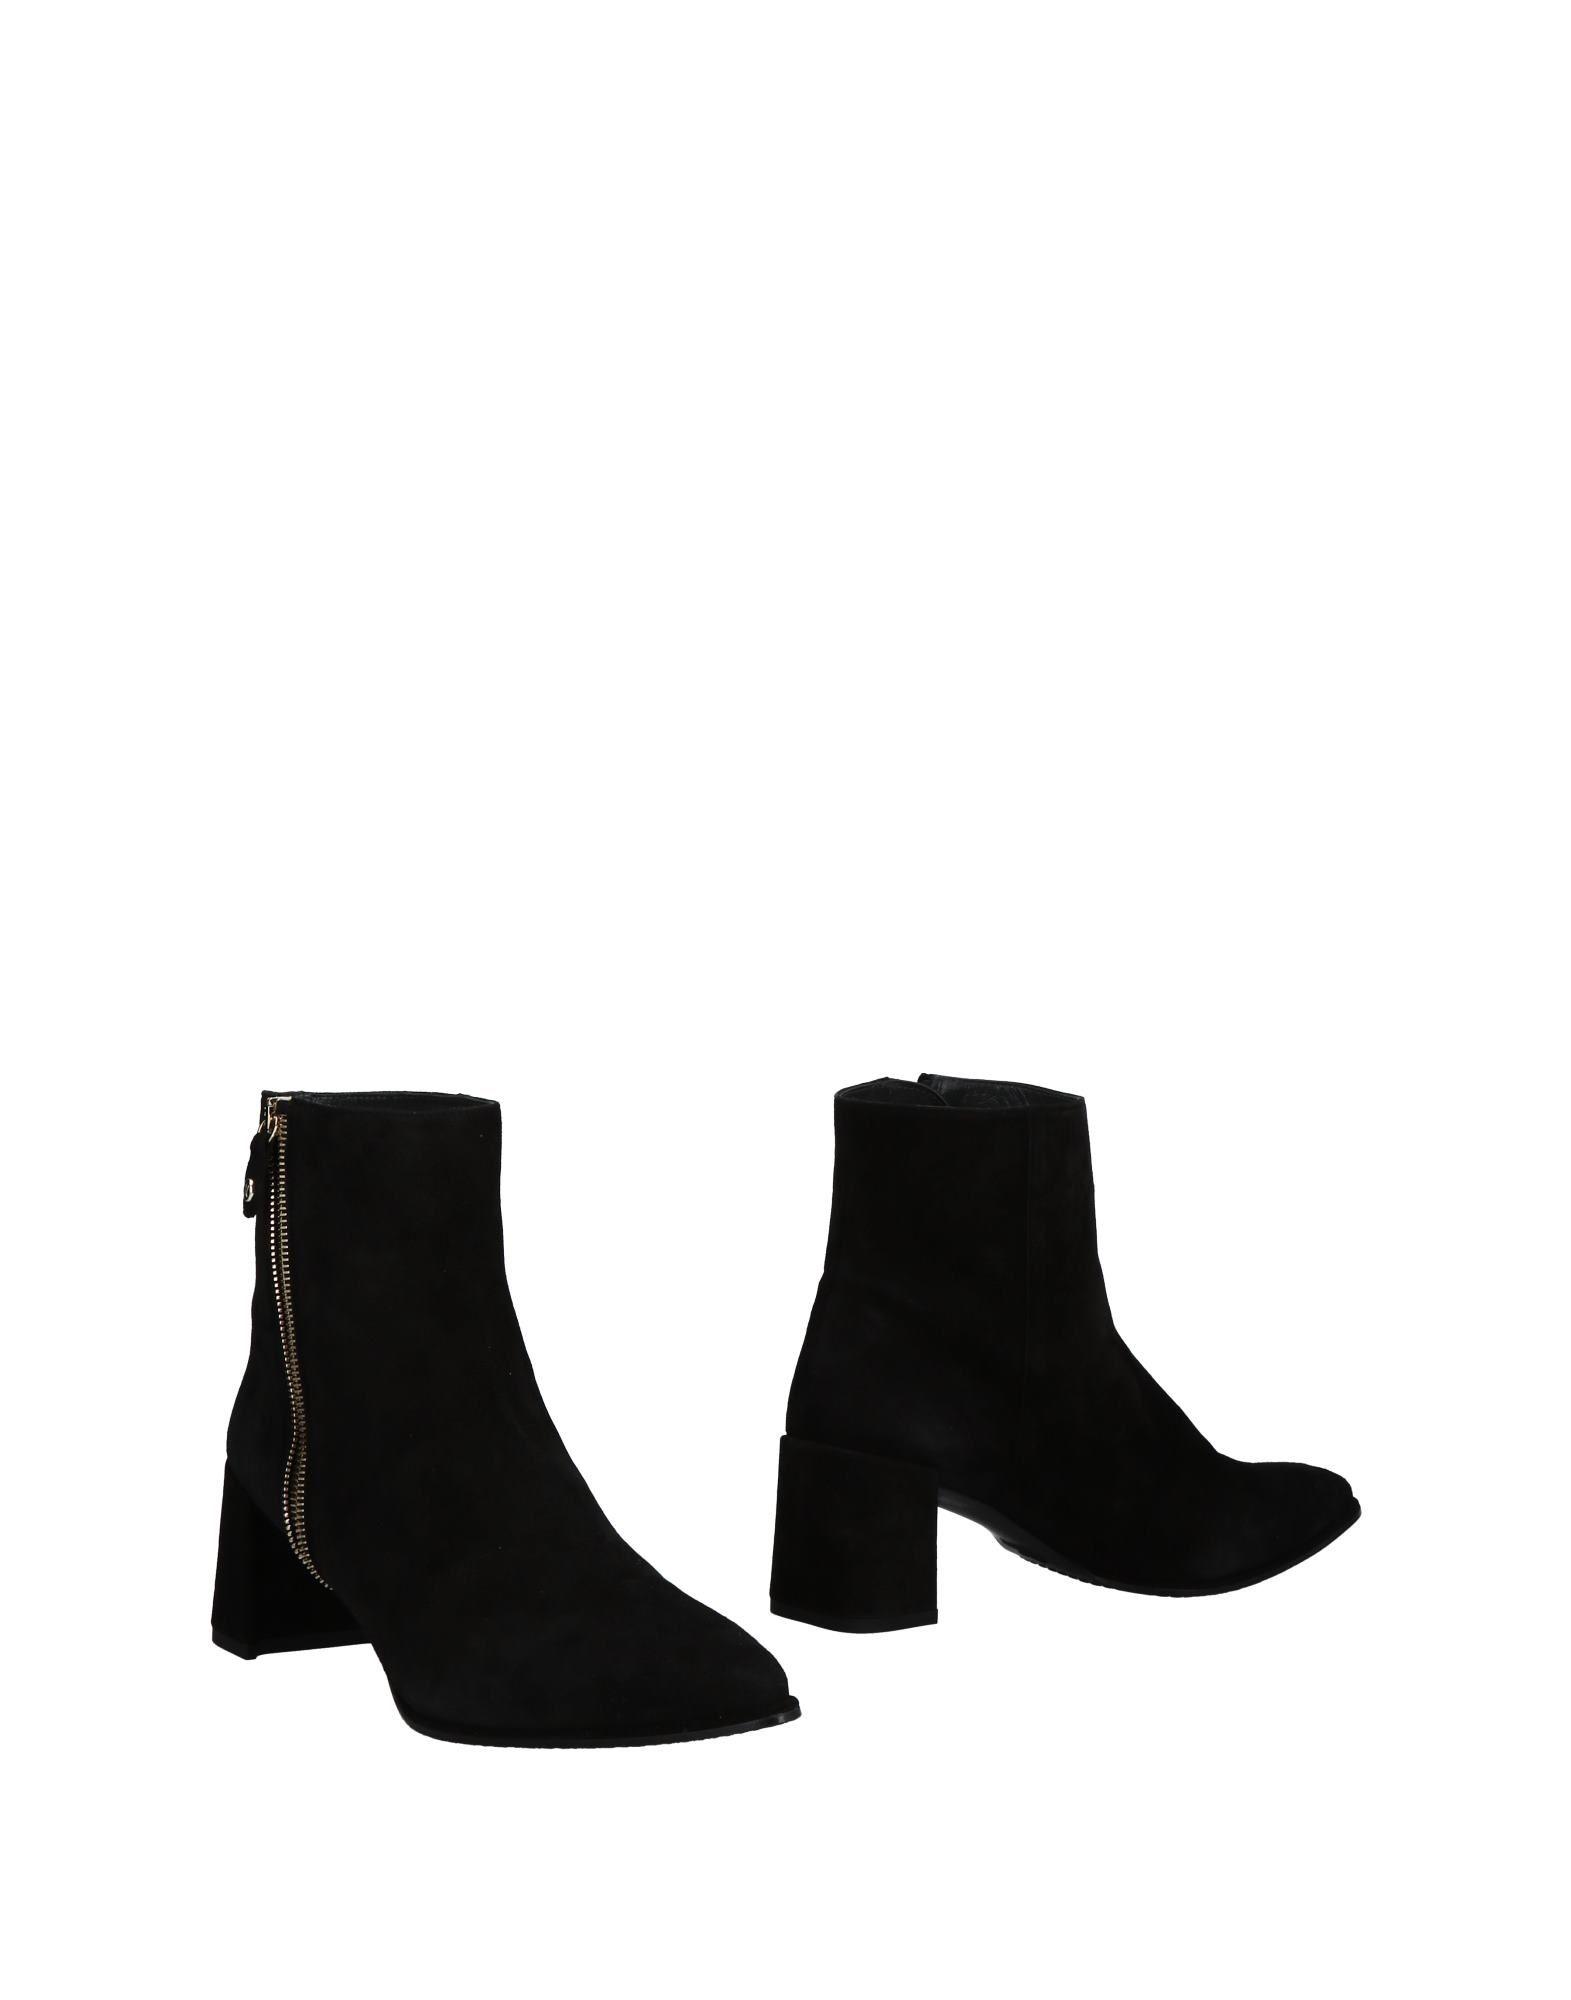 Stuart Weitzman Stiefelette Damen 11496401NWGünstige Schuhe gut aussehende Schuhe 11496401NWGünstige ea96fb